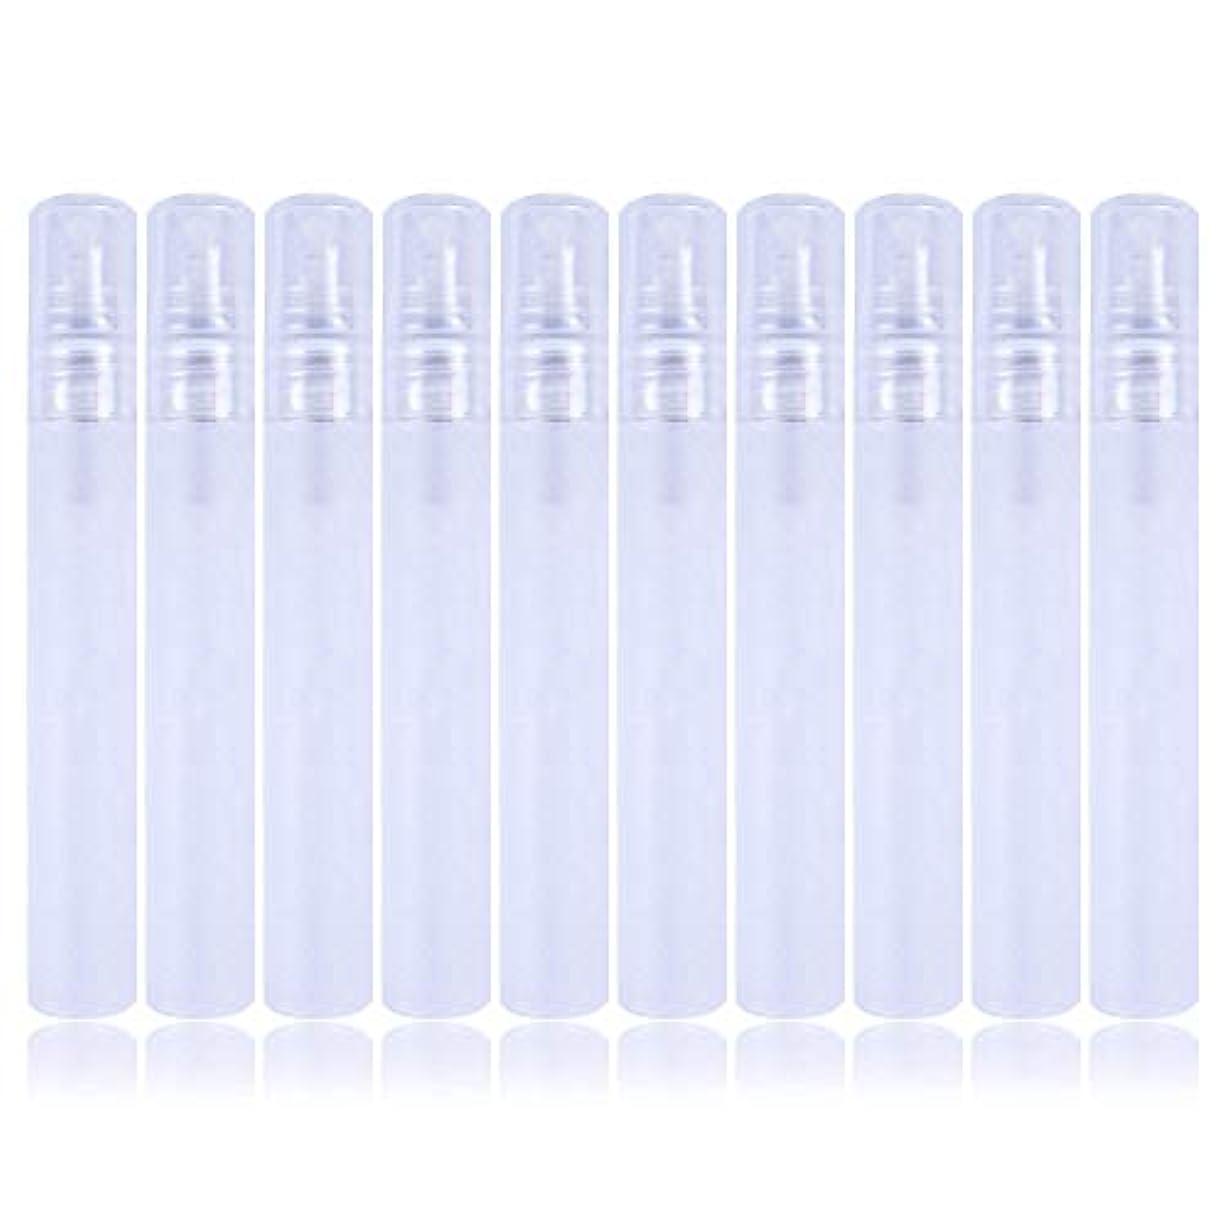 国民投票気まぐれなオリエント10個入り 10ml 透明な白 プラスチックボトルスプレー ミニサンプルボトル 香水、トナーなどに使用されます